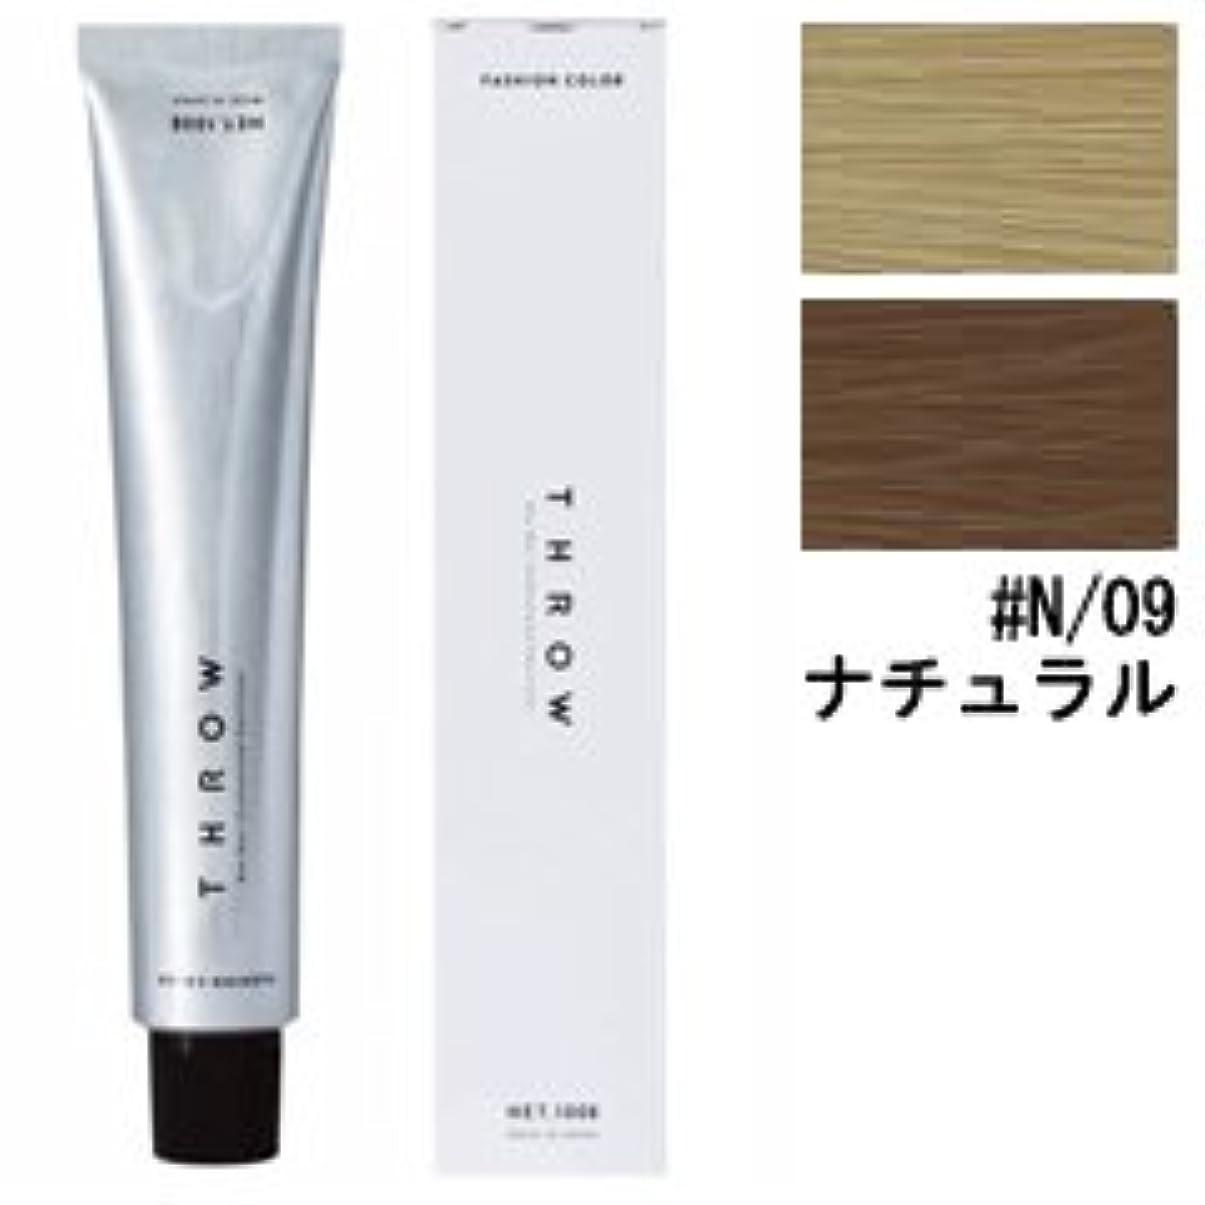 ナットディスパッチ消化器【モルトベーネ】スロウ ファッションカラー #N/09 ナチュラル 100g